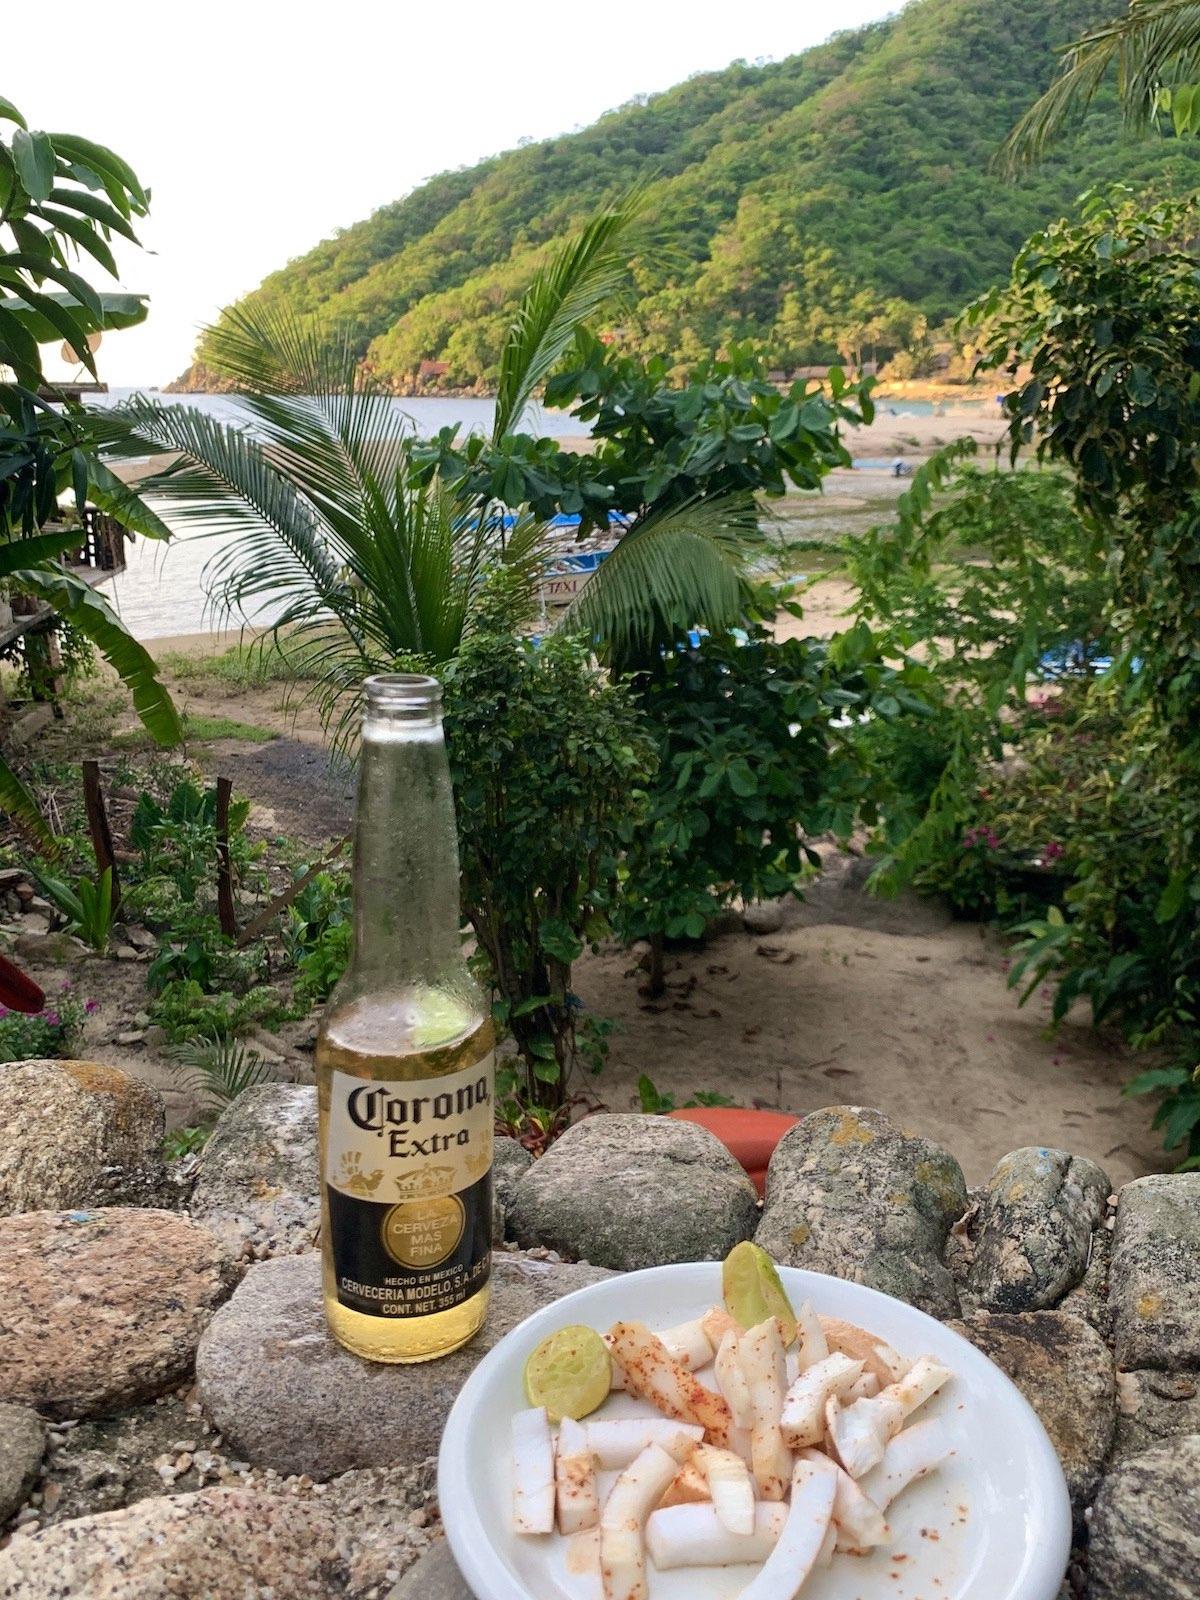 Corona Yelapa